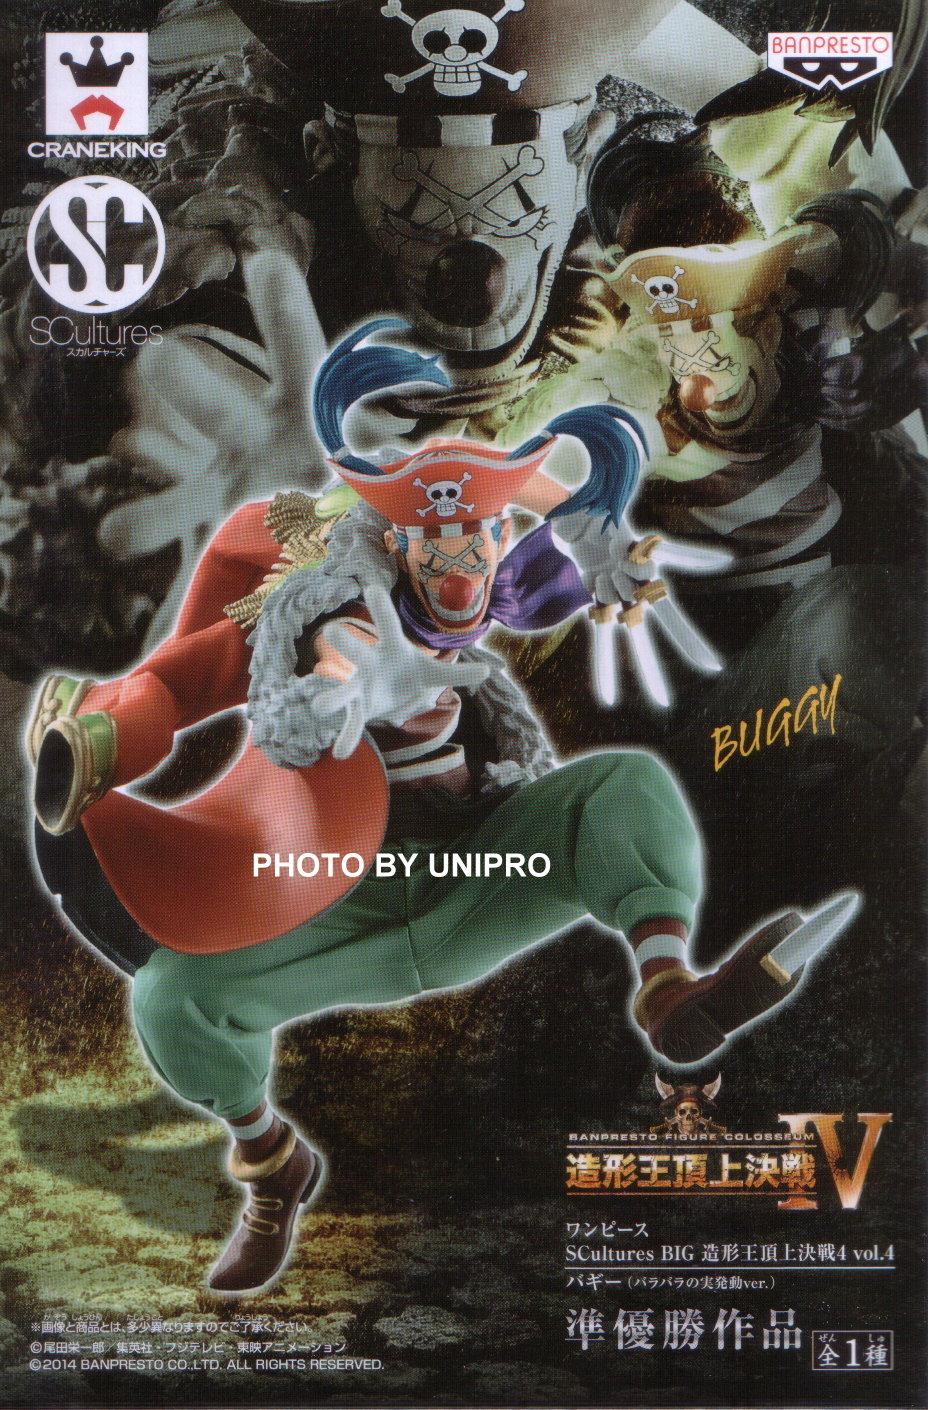 日版金證 頂上決戰4 VOL.4 小丑 巴奇 巴其 BUGGY 海賊王 航海王 One Piece 公仔